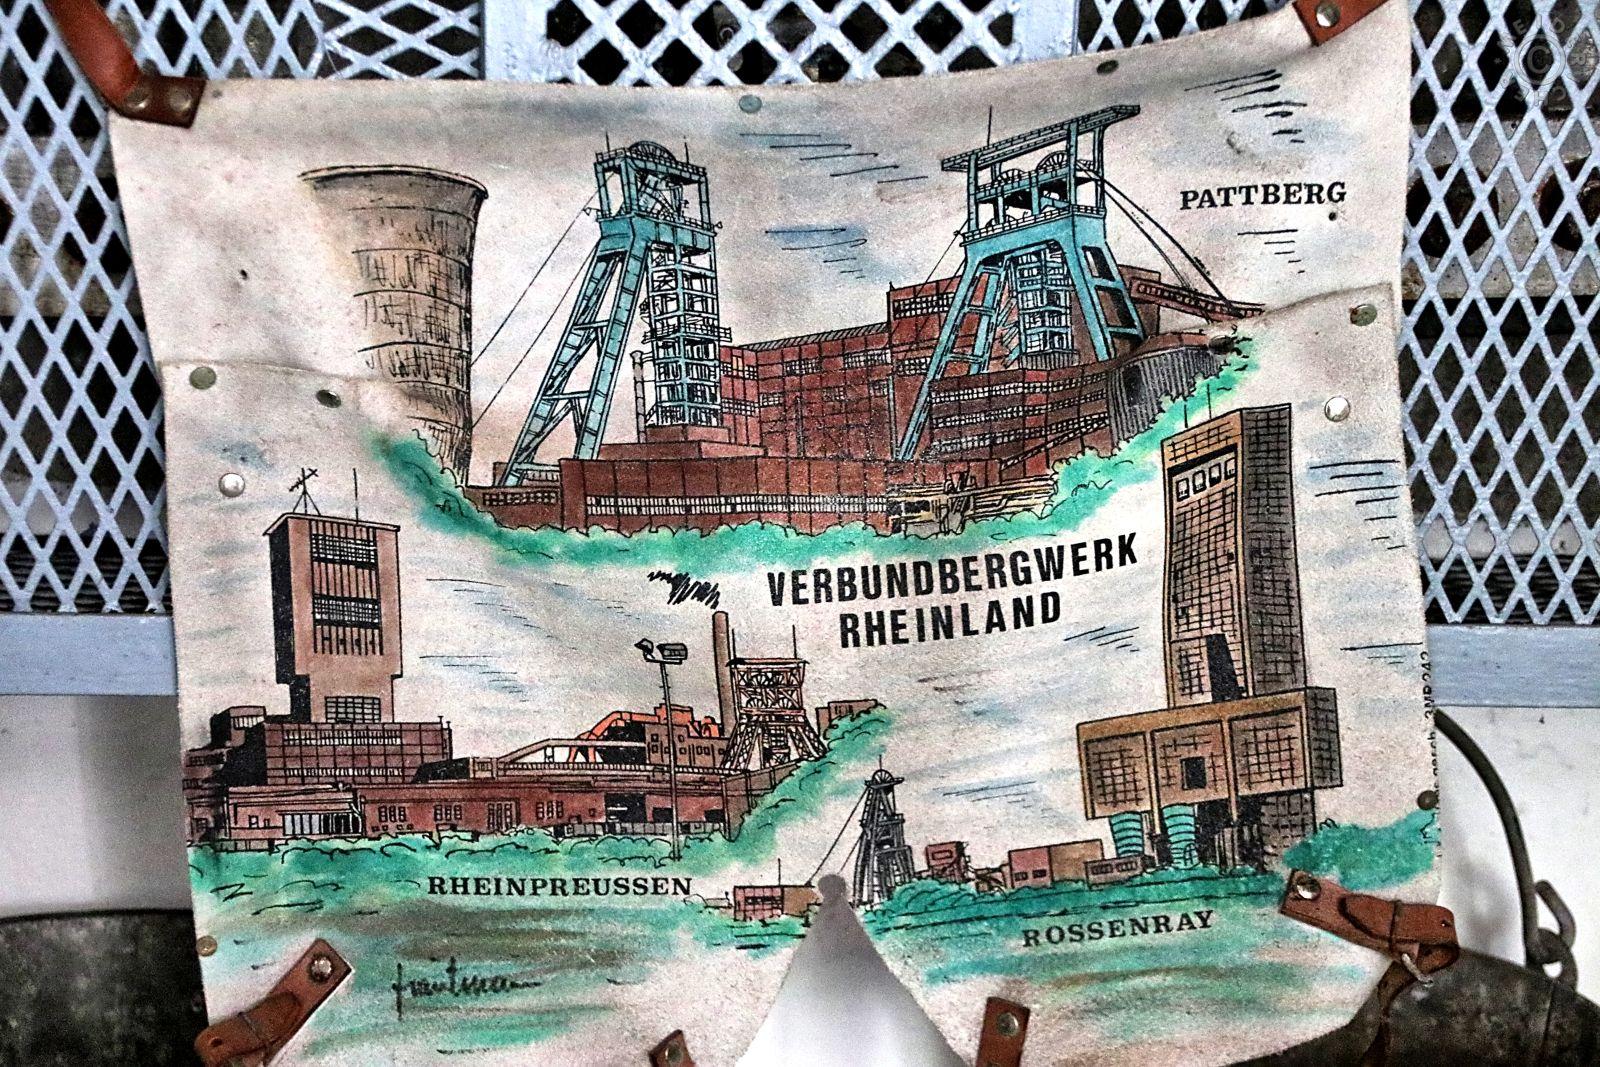 Zeche Rheinpreußen Schacht 4 3511